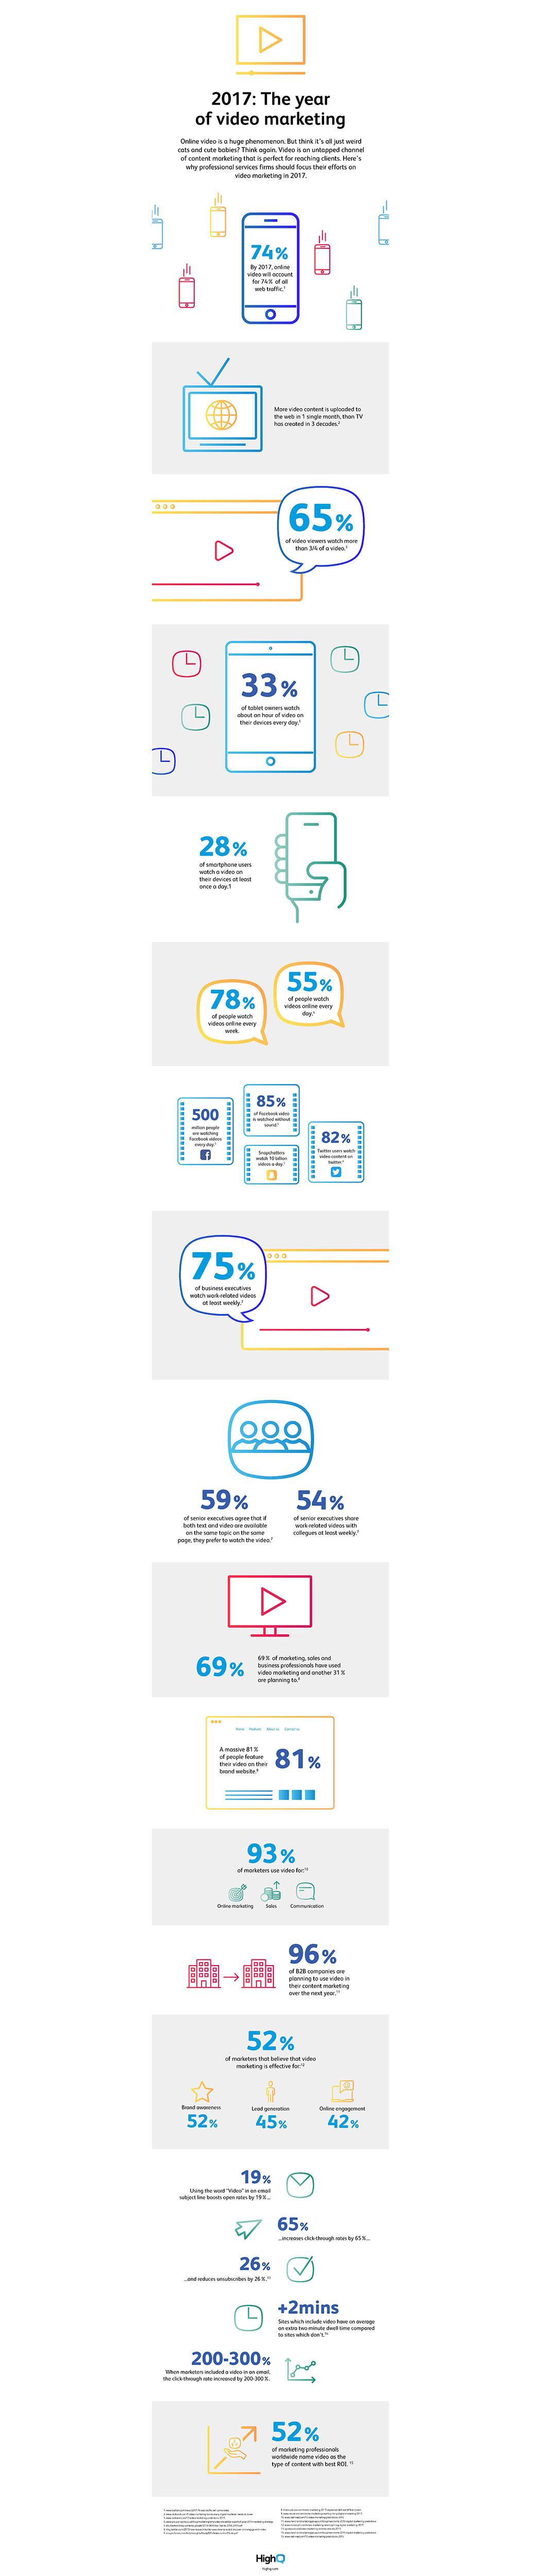 Infographic_YearOfVideoMarketing_2019.jpg